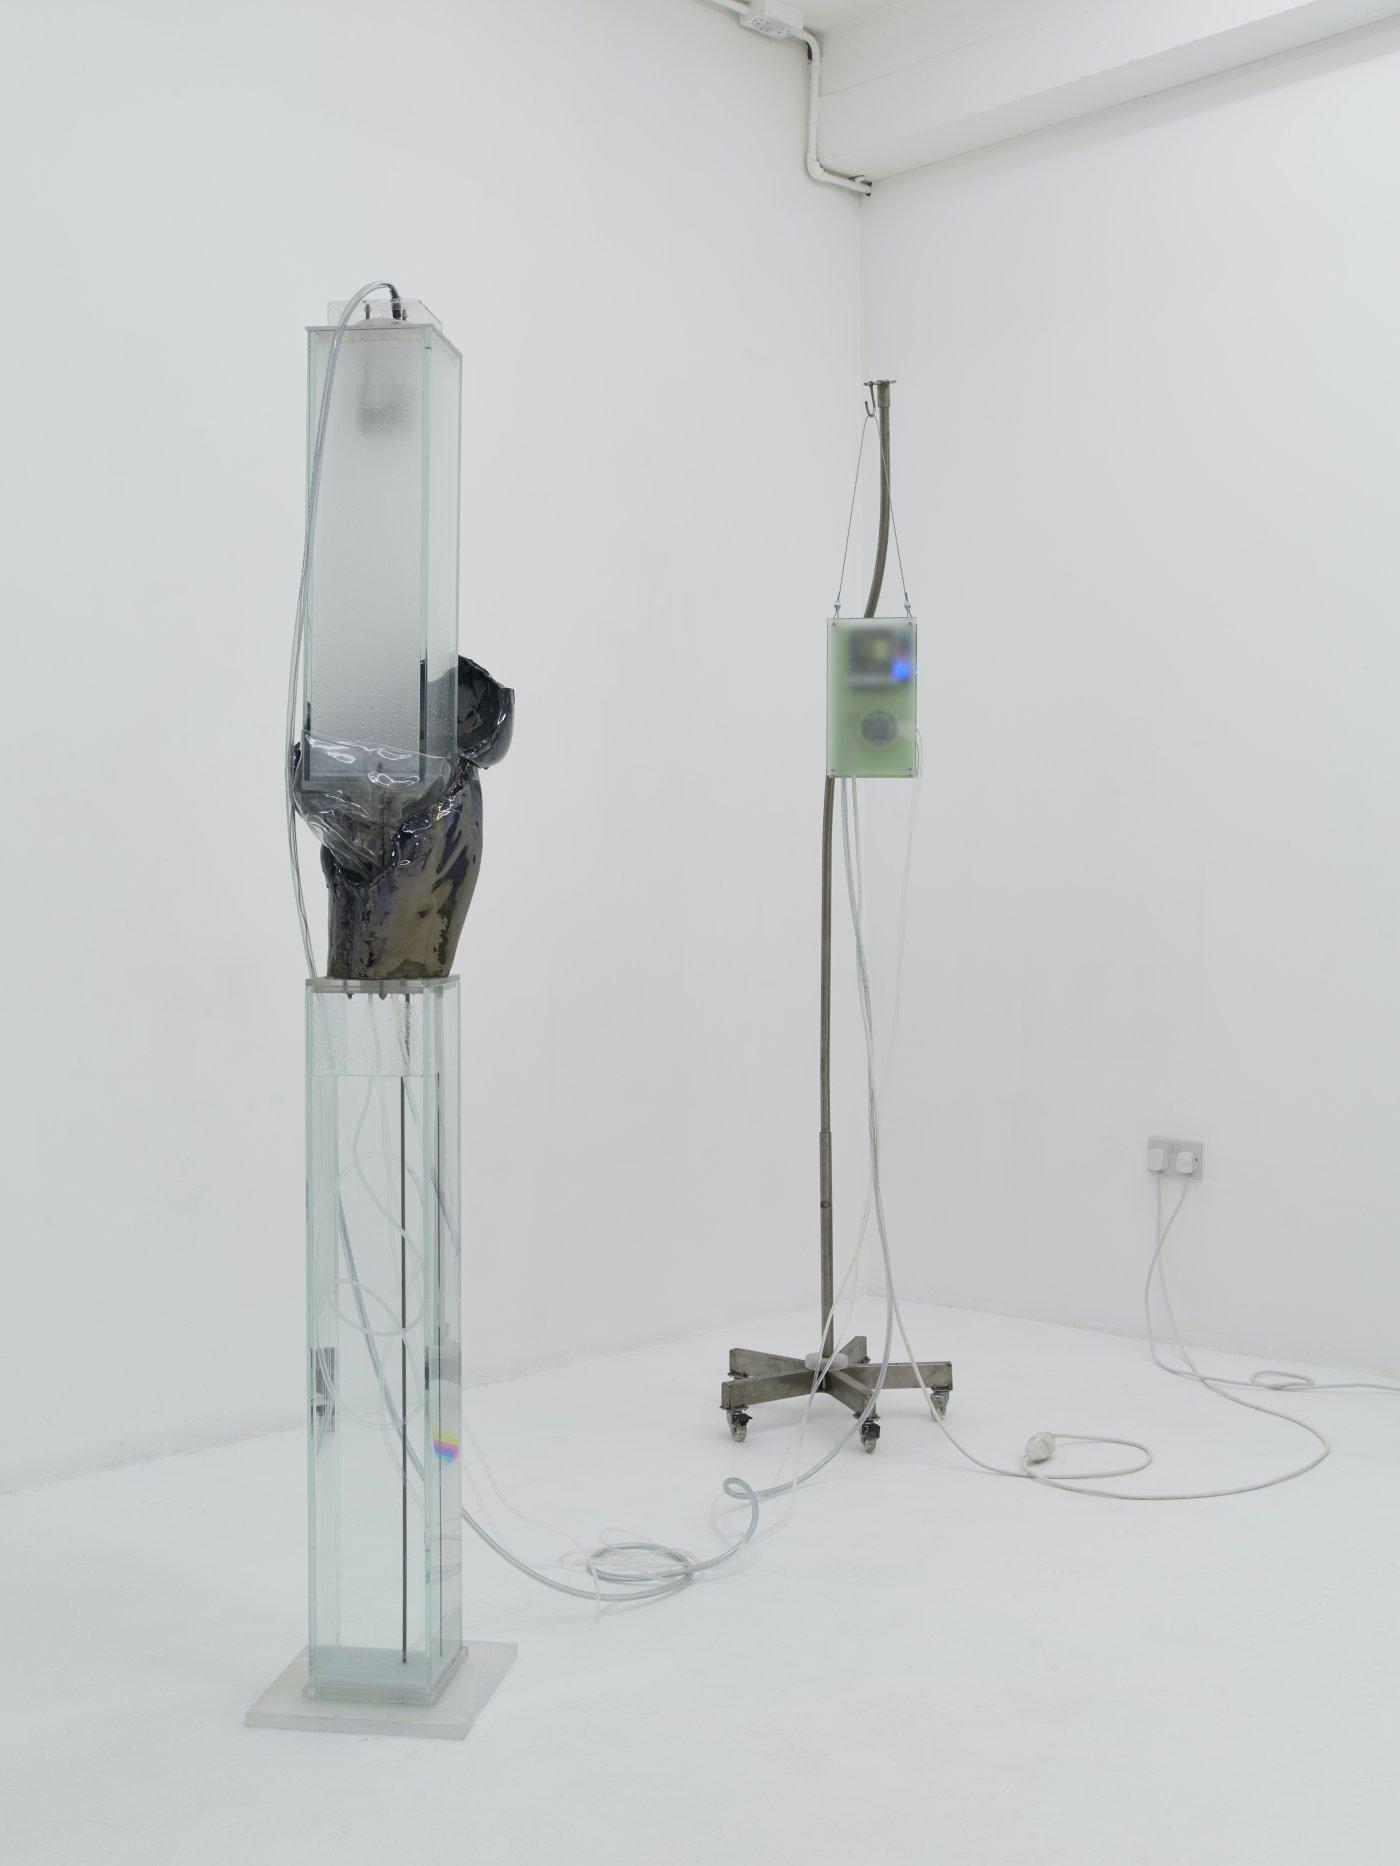 Nicoletti Contemporary Hugo Servanin 2